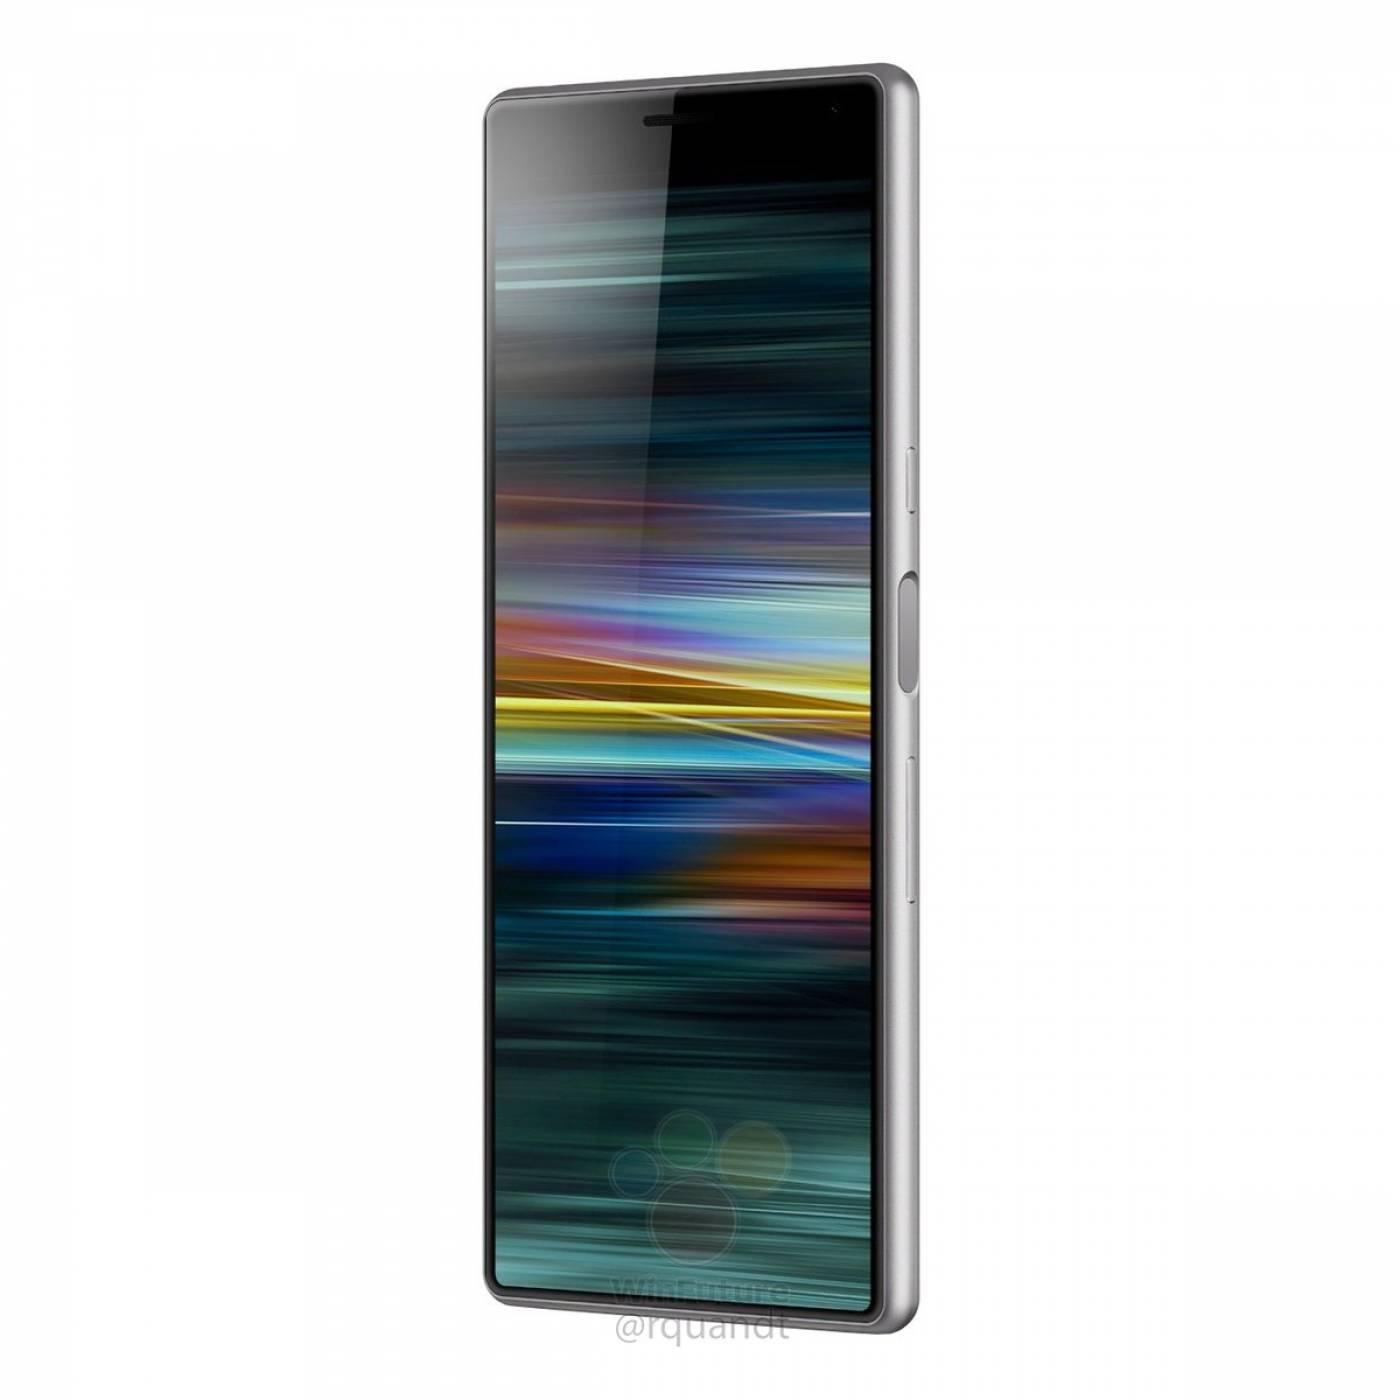 Xperia XA3 е жирафът при смартфоните. И това ни радва! (СНИМКИ)